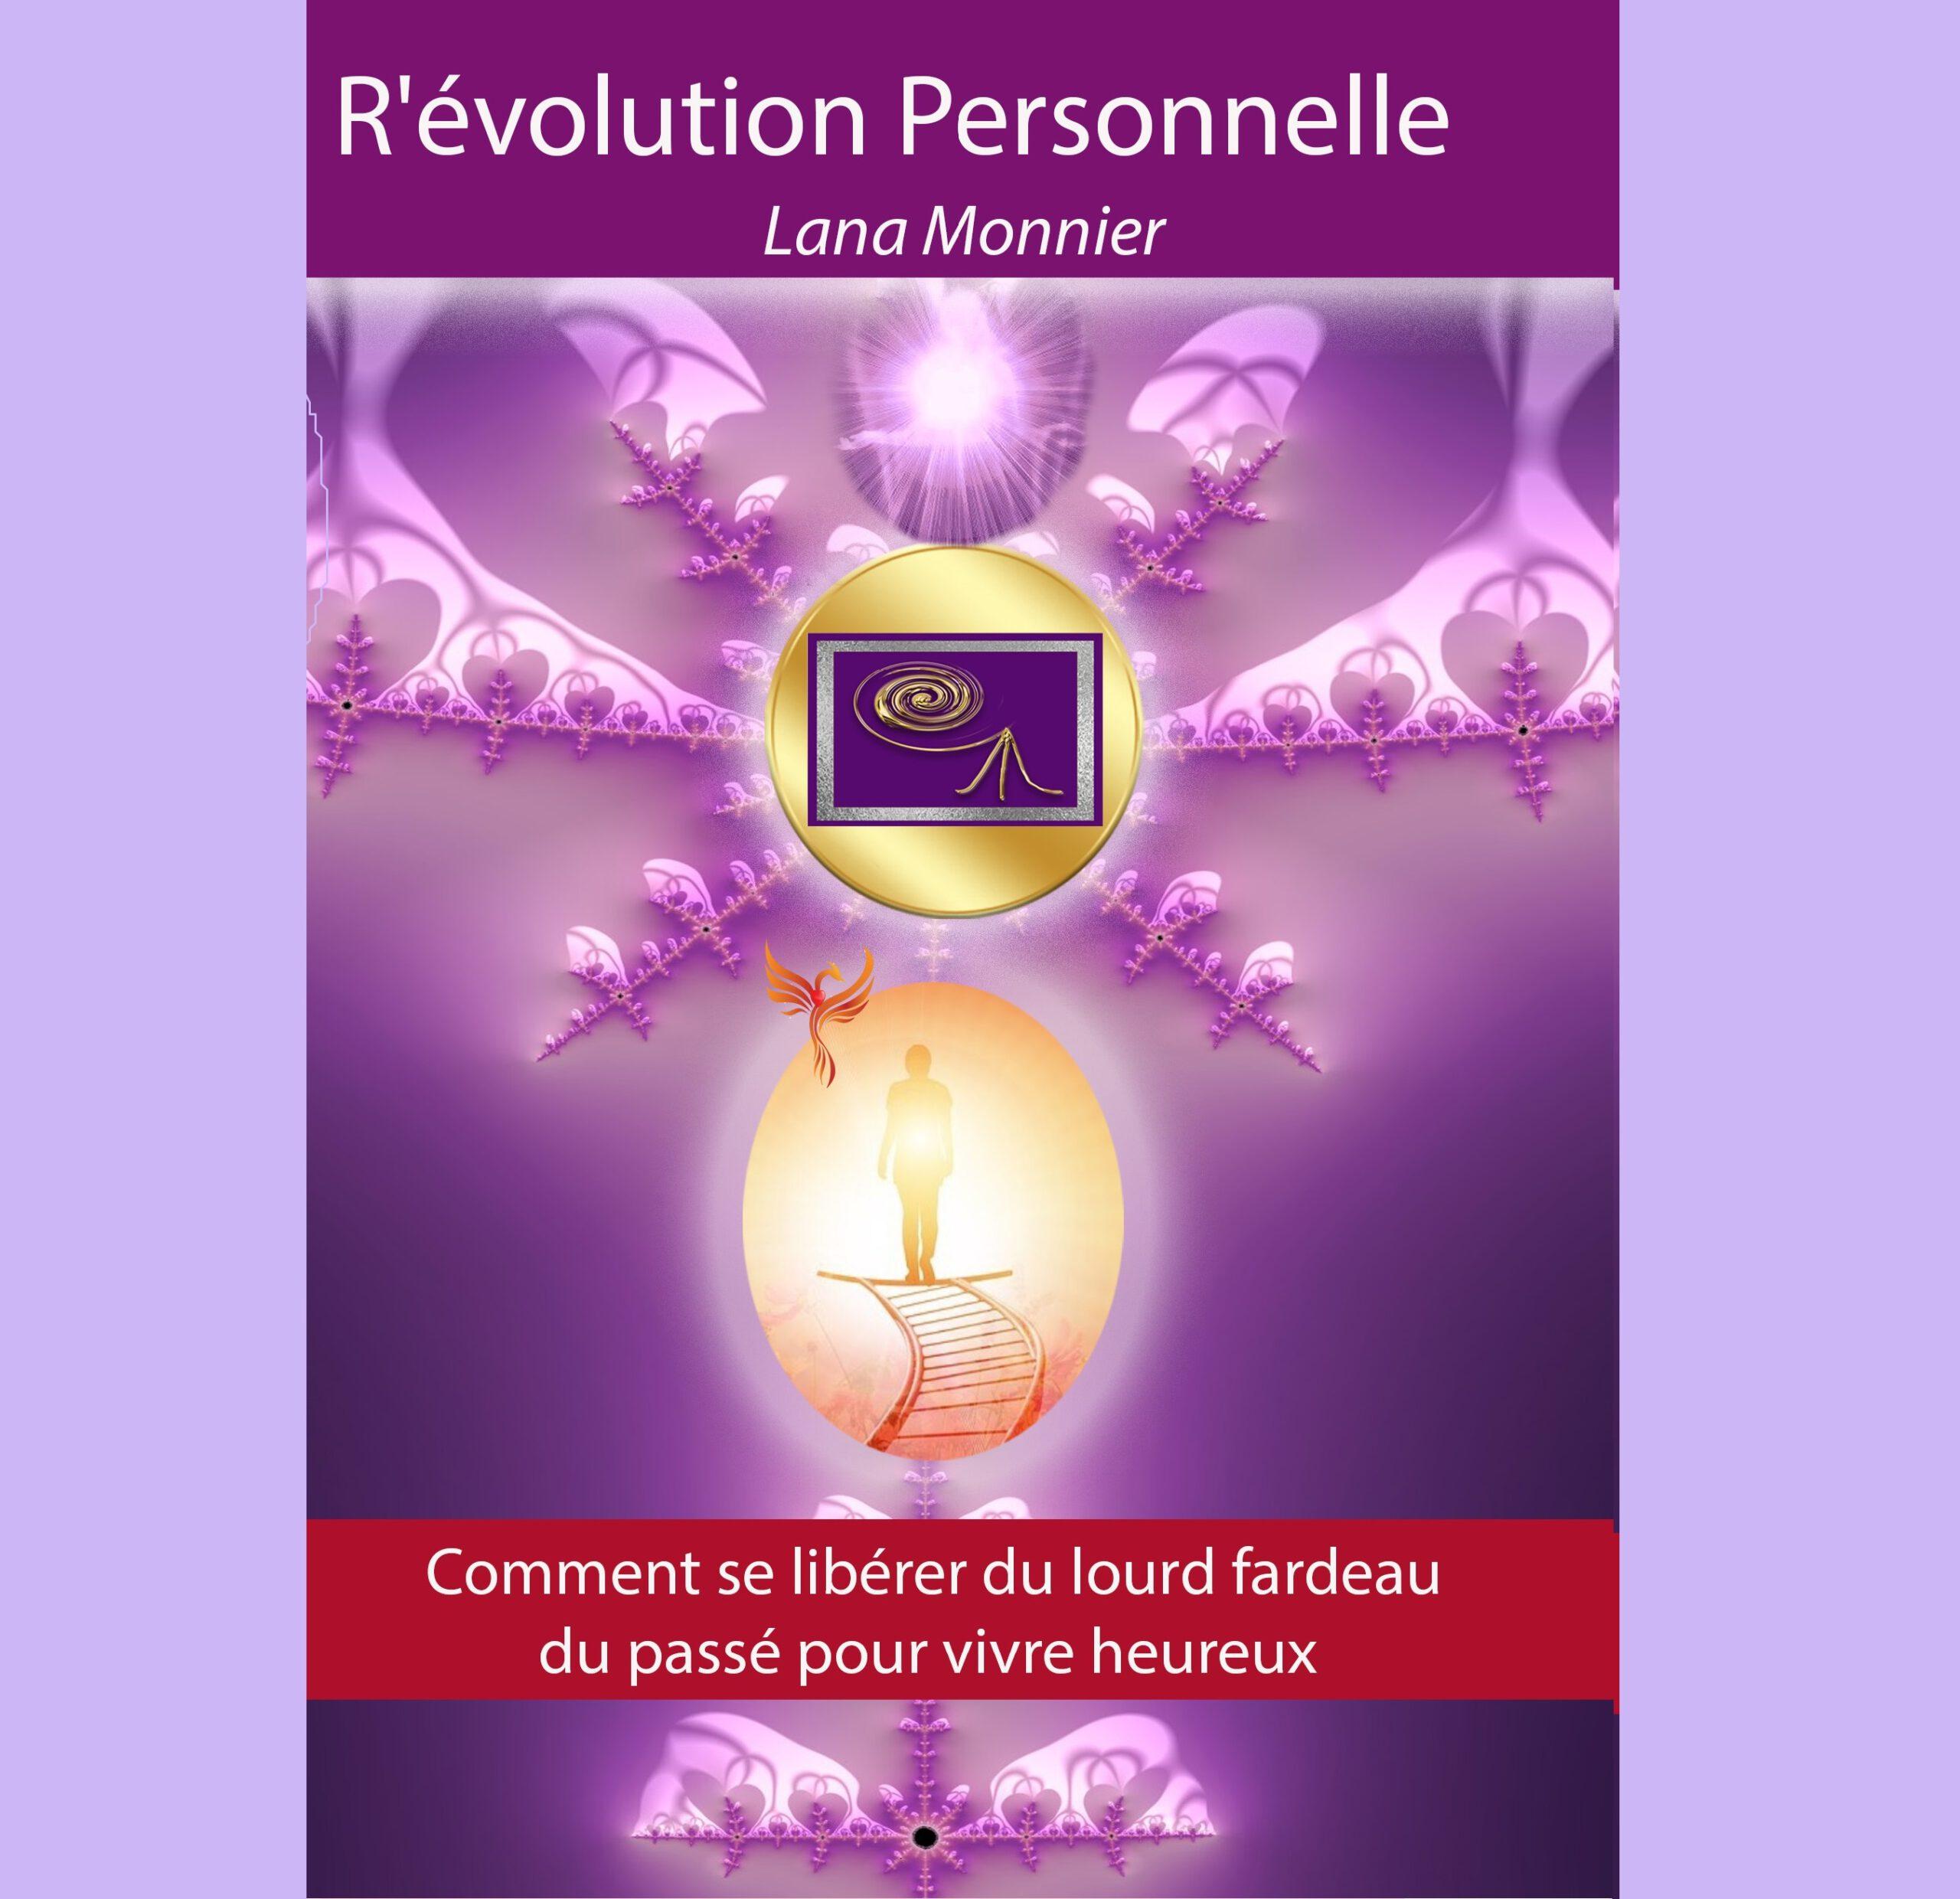 Livre  « R'évolution  Personnelle »  - Pour plus d'infos, cliquez ici